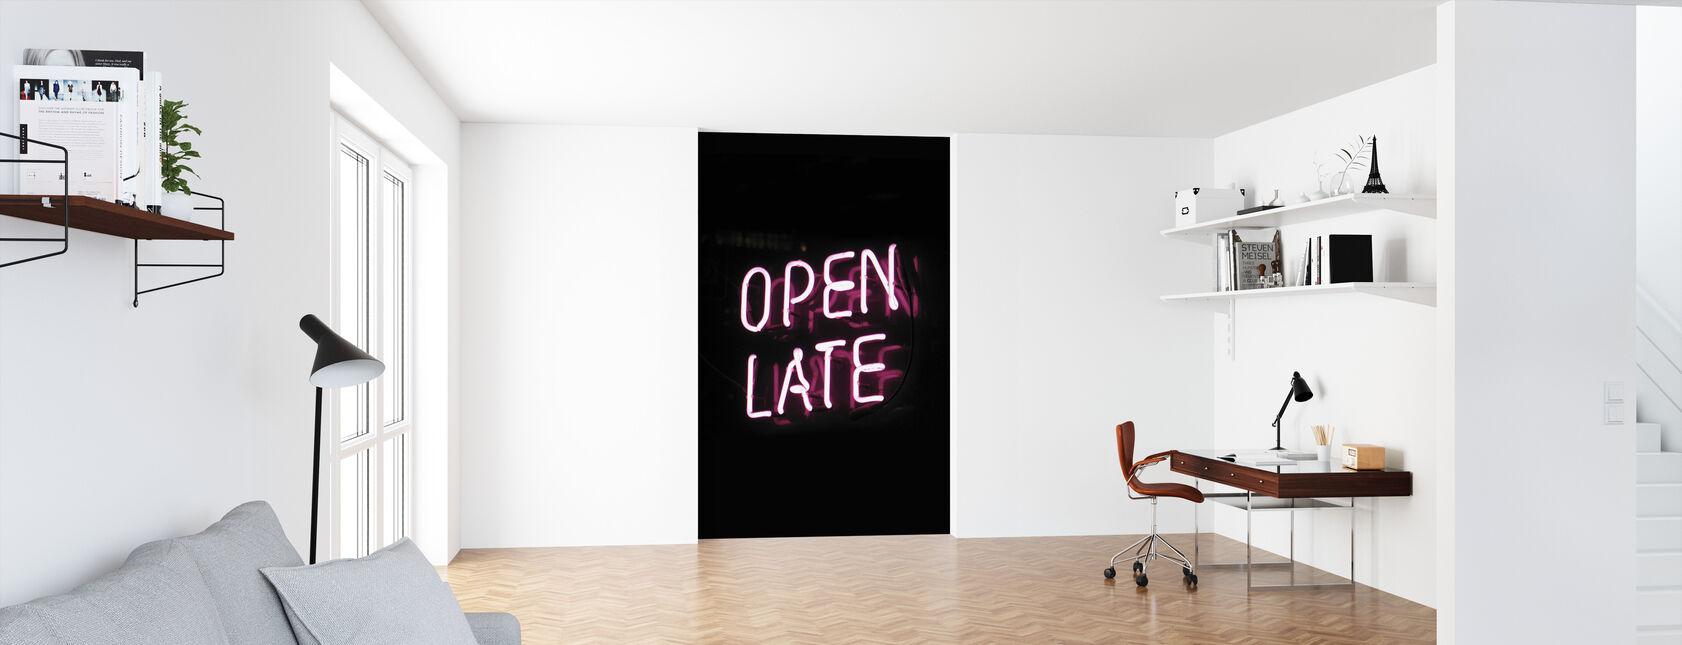 Open Late - Behang - Kantoor